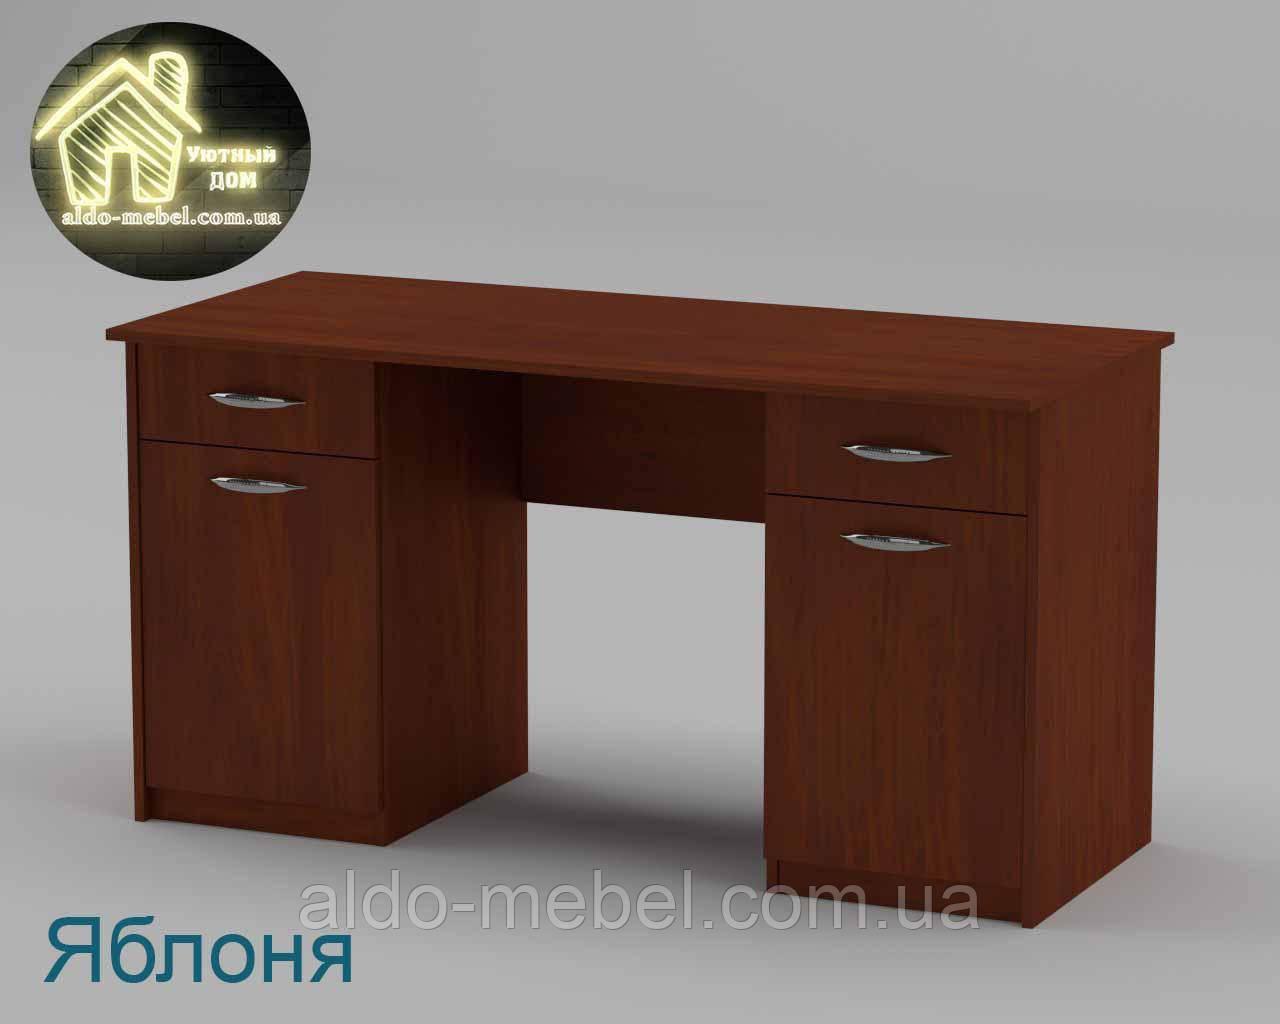 Стол письменный Учитель - 2 Габариты Ш - 1400 мм; В - 736 мм; Г - 600 мм (Компанит)